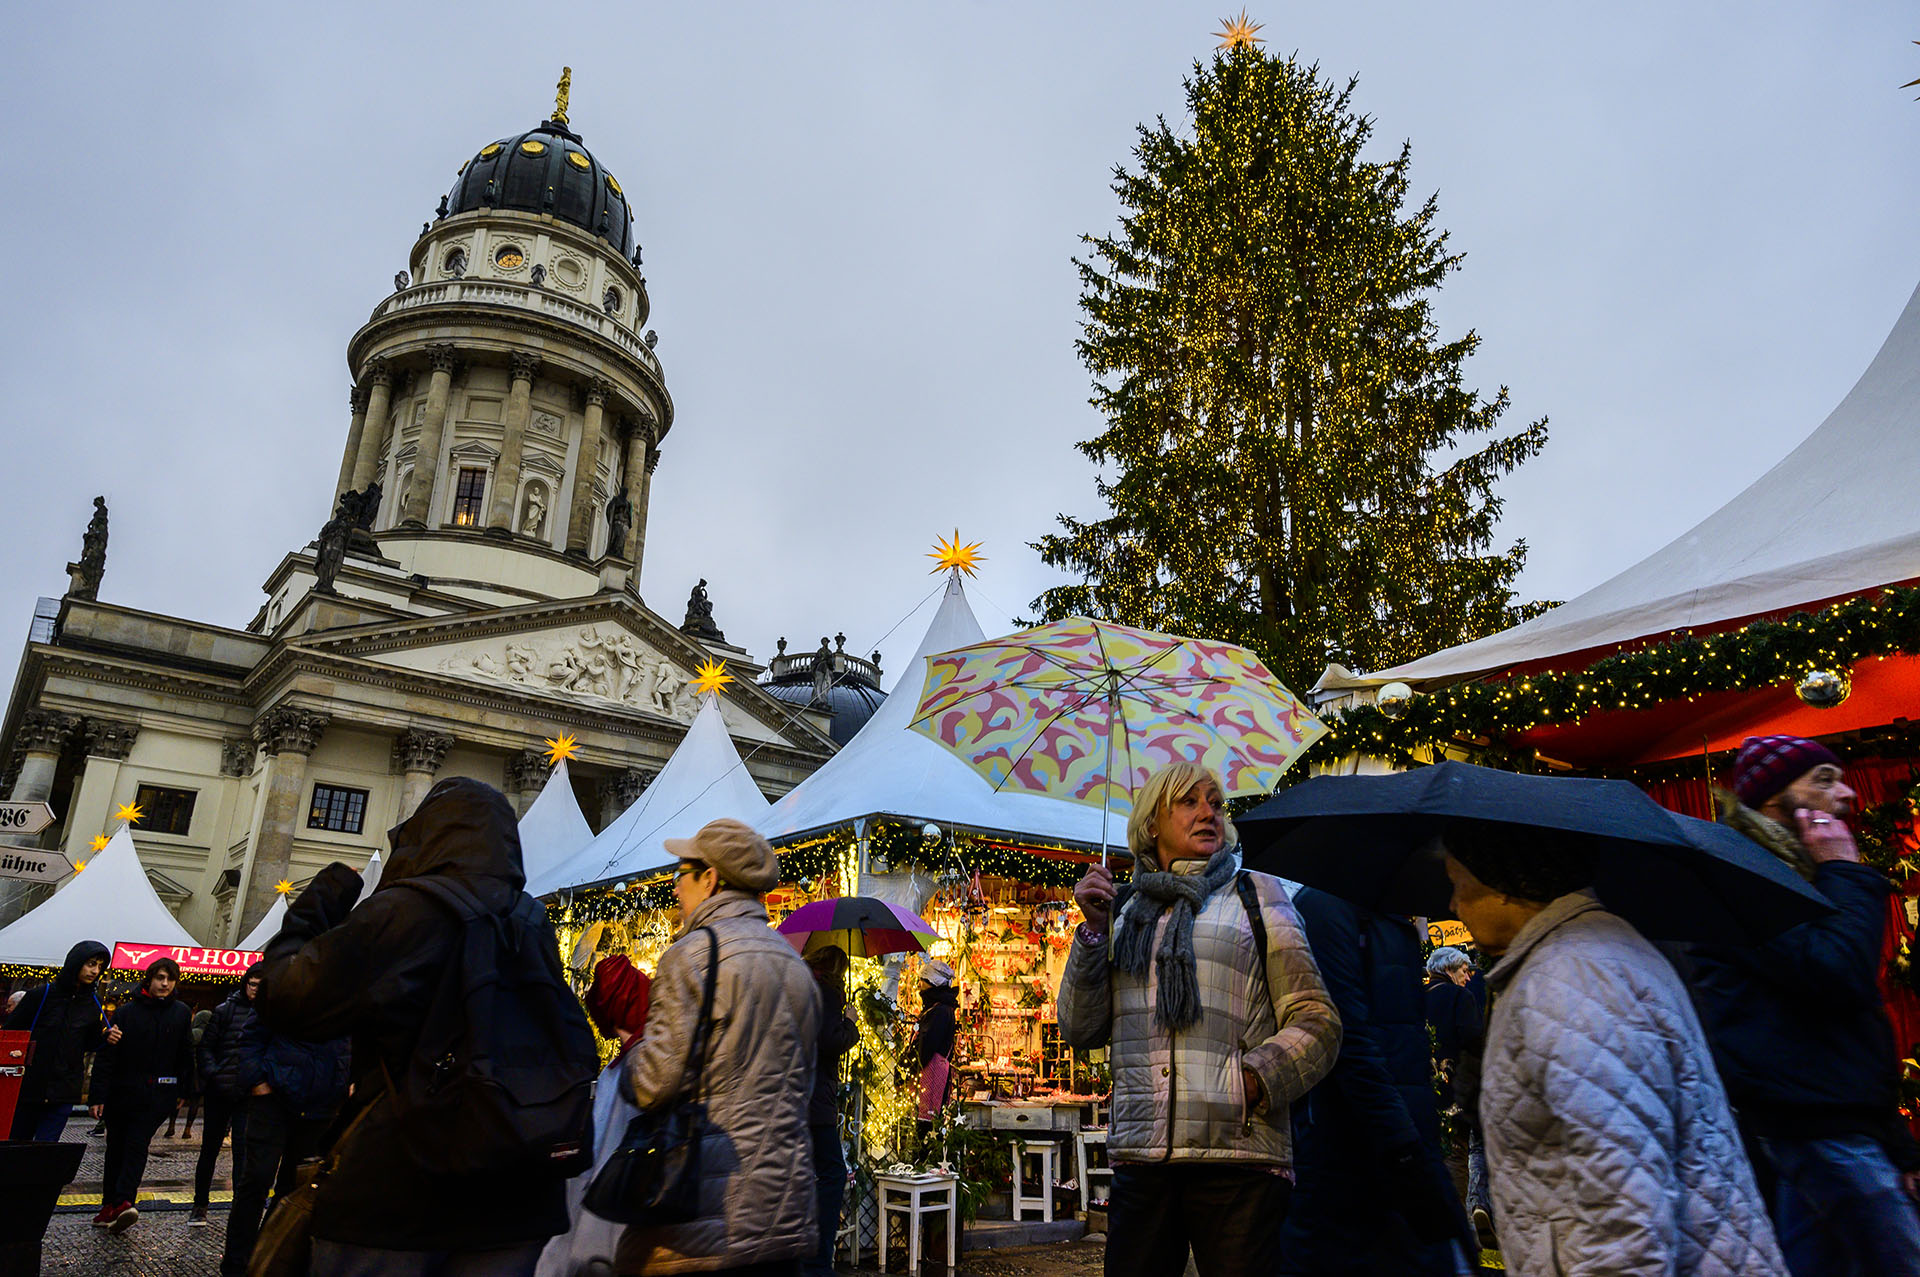 Berlín está decorada para Navidad (Photo by John MACDOUGALL / AFP)